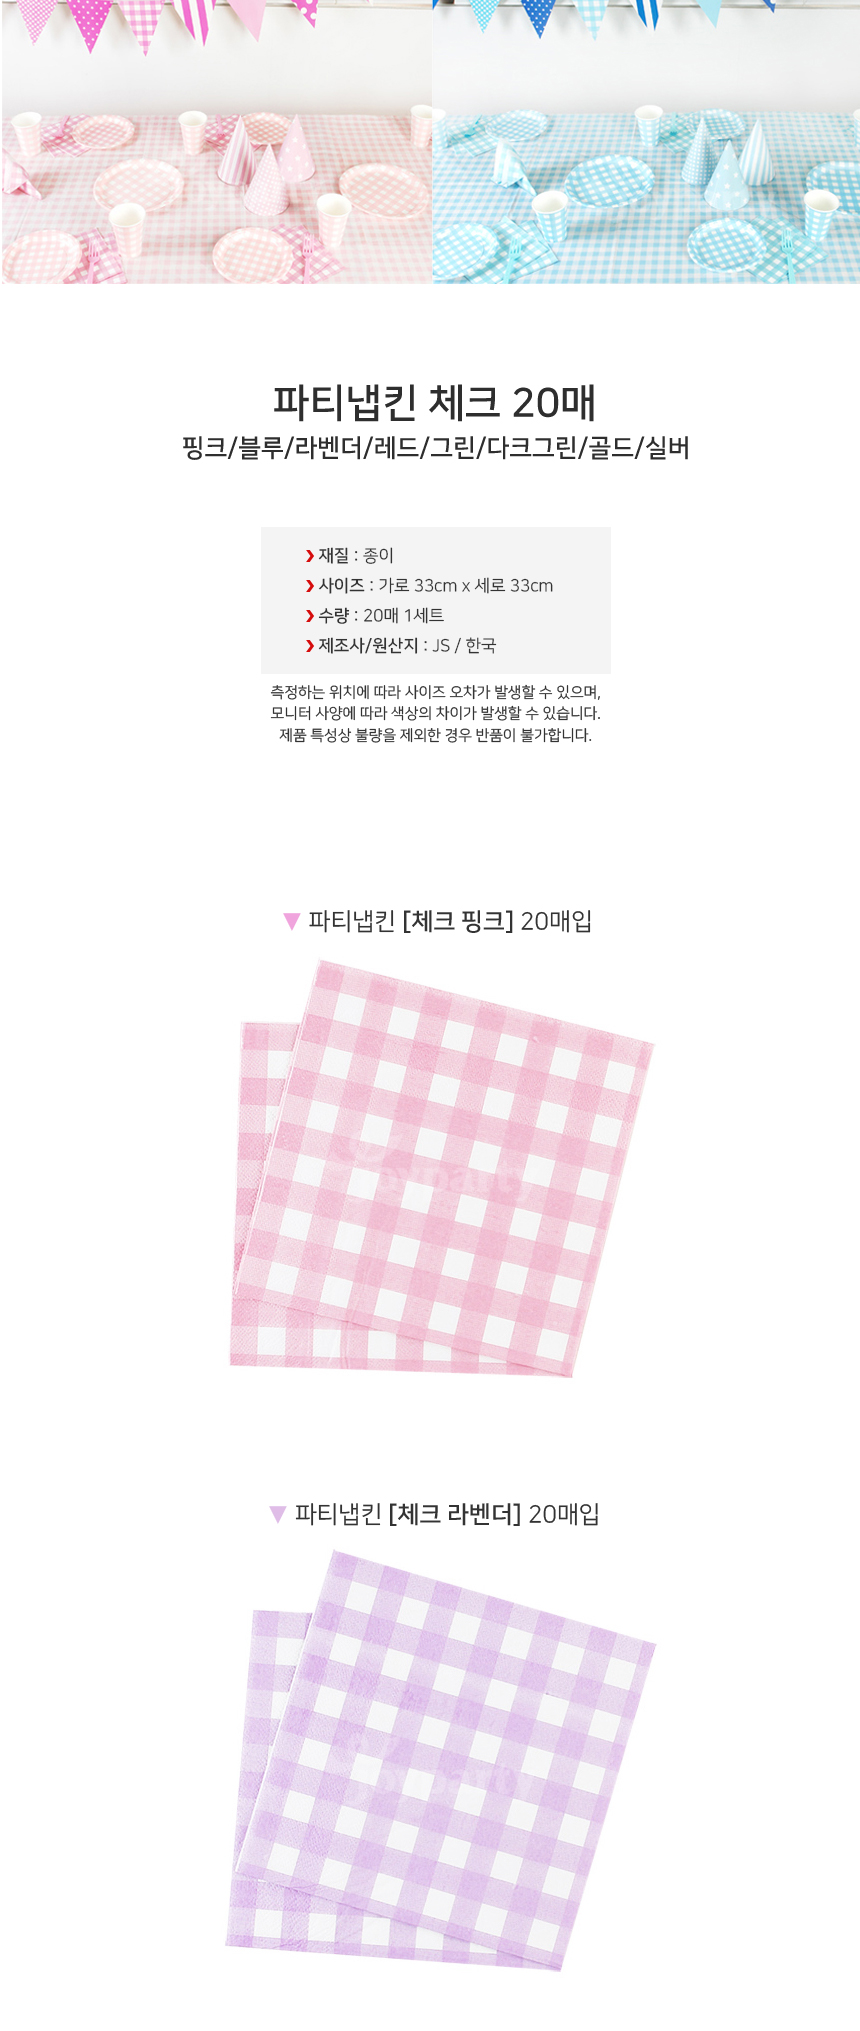 파티냅킨 체크 핑크 20매입 - 파티마트, 3,000원, 파티용품, 식기/테이블/세트